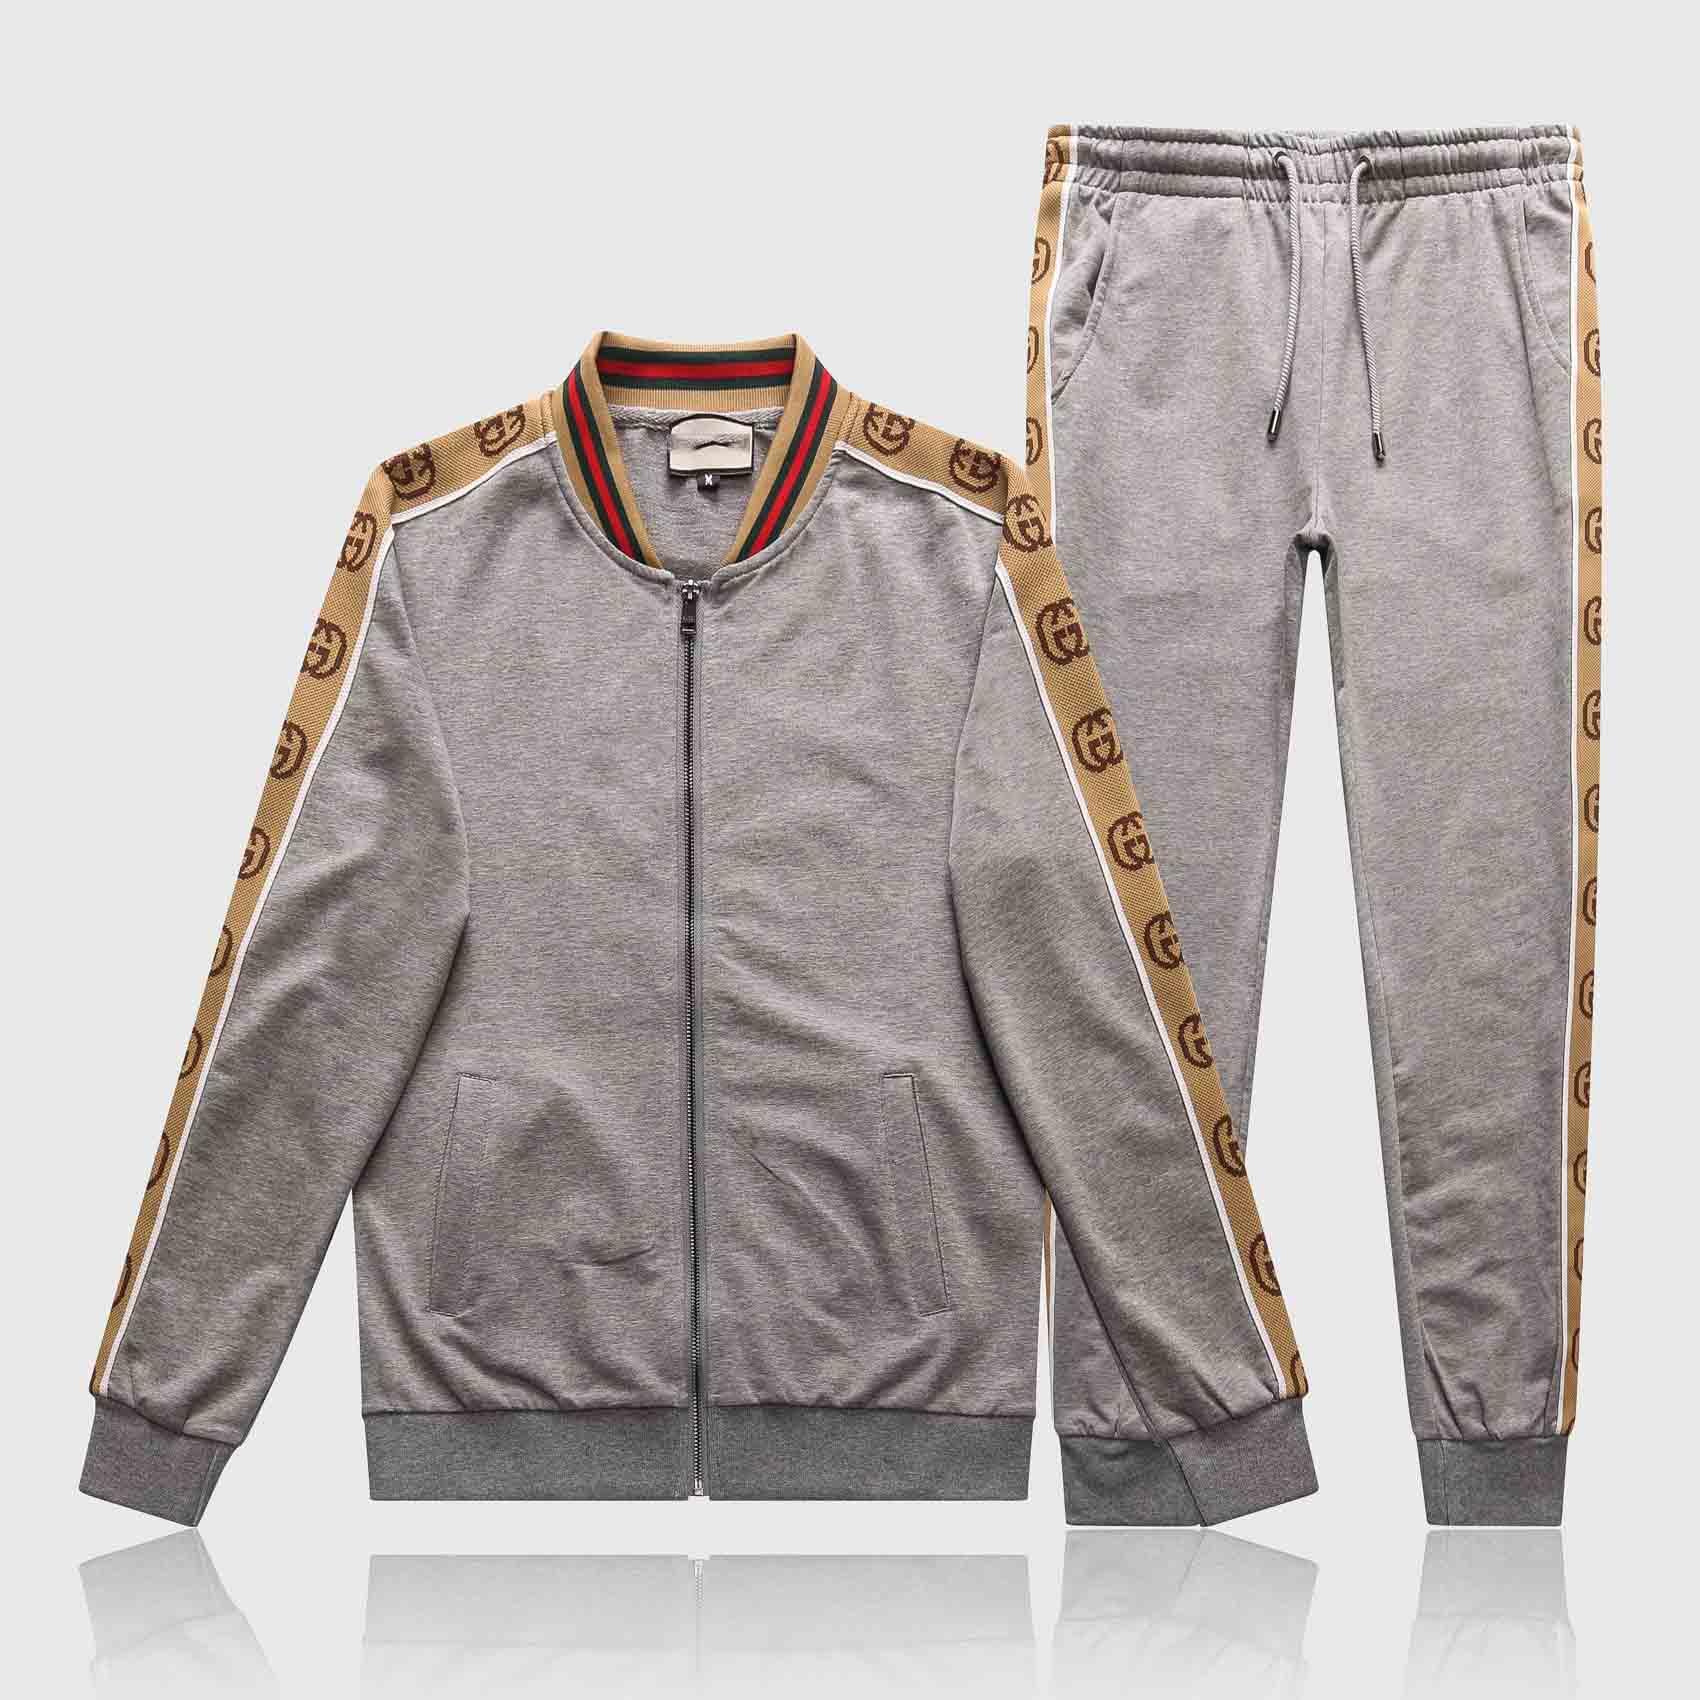 Men New fashion Tracksuits Sweat Suits Mens Tracksuits Jogger Suits Jacket + Pants Sets Sporting Suit Men Fashion Letter Print Set